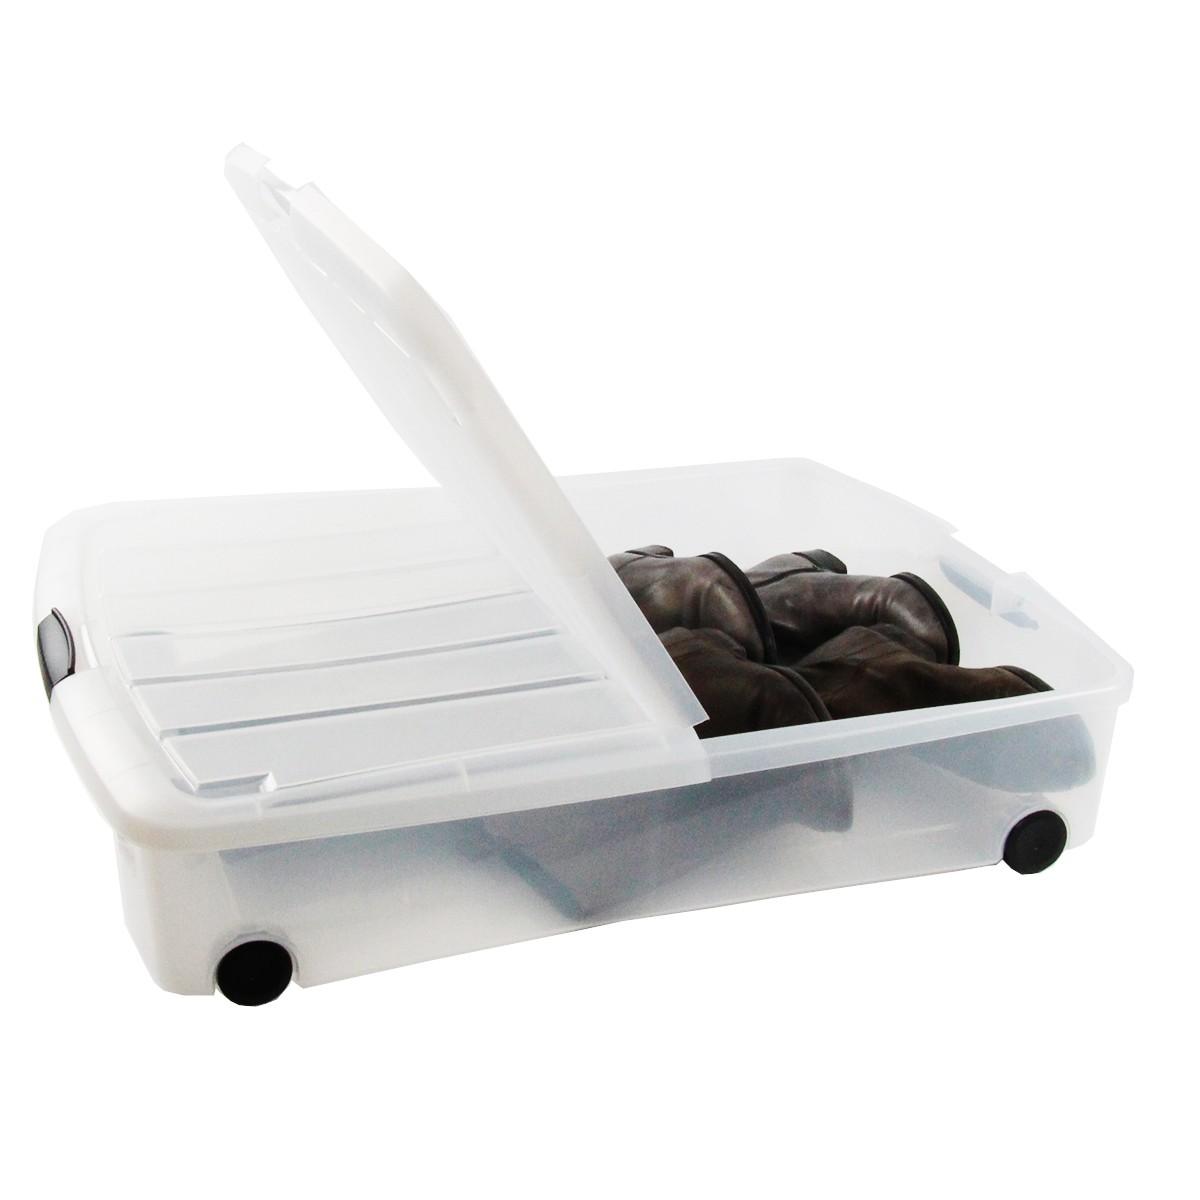 Bo te plastique rangement sous le lit - Bac rangement plastique sous lit ...